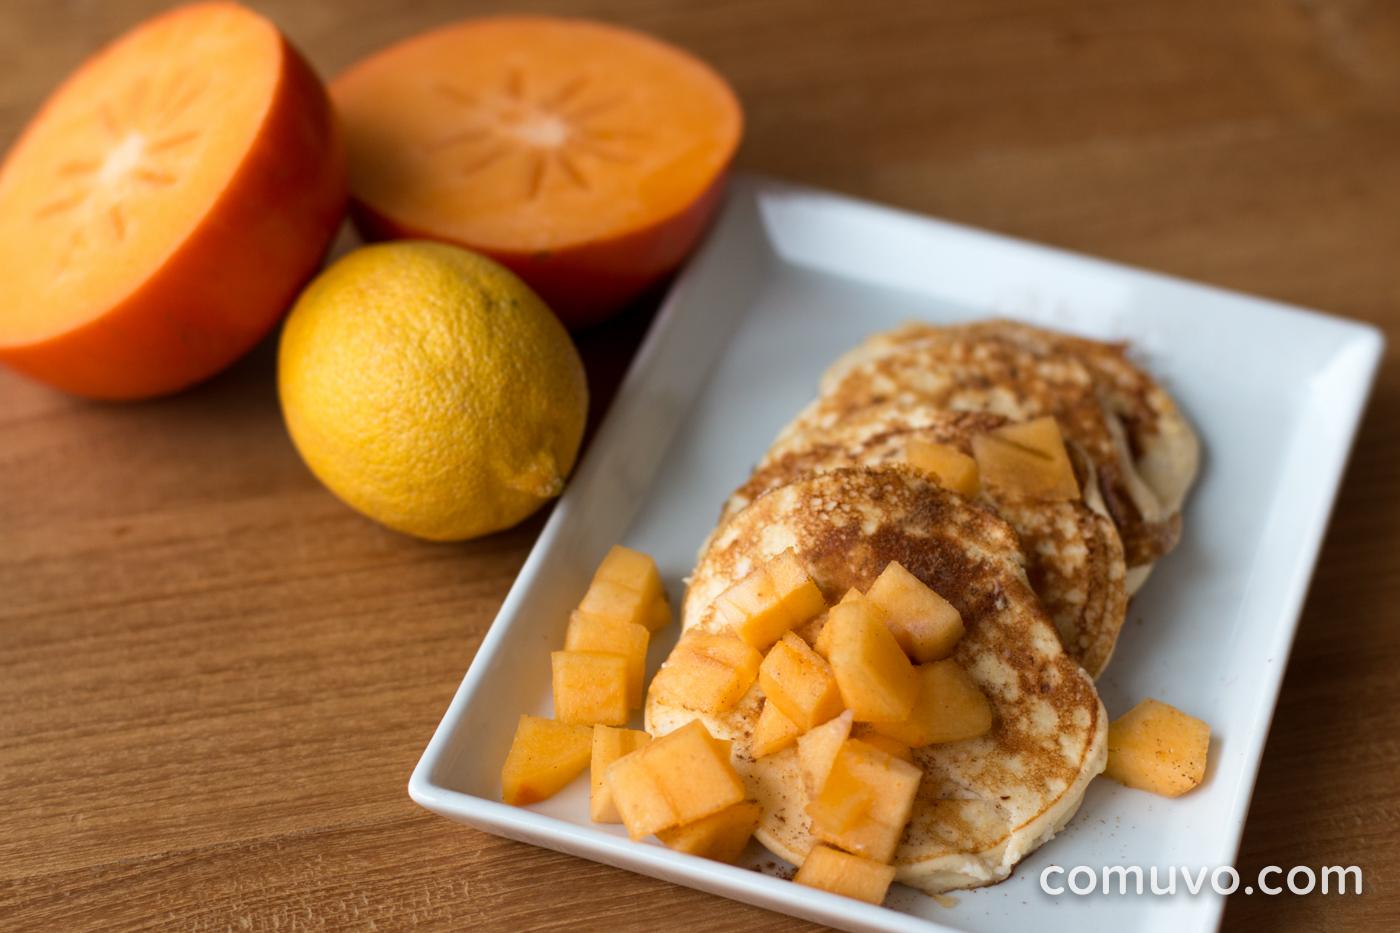 Rezept Low Carb Pancakes | comuvo